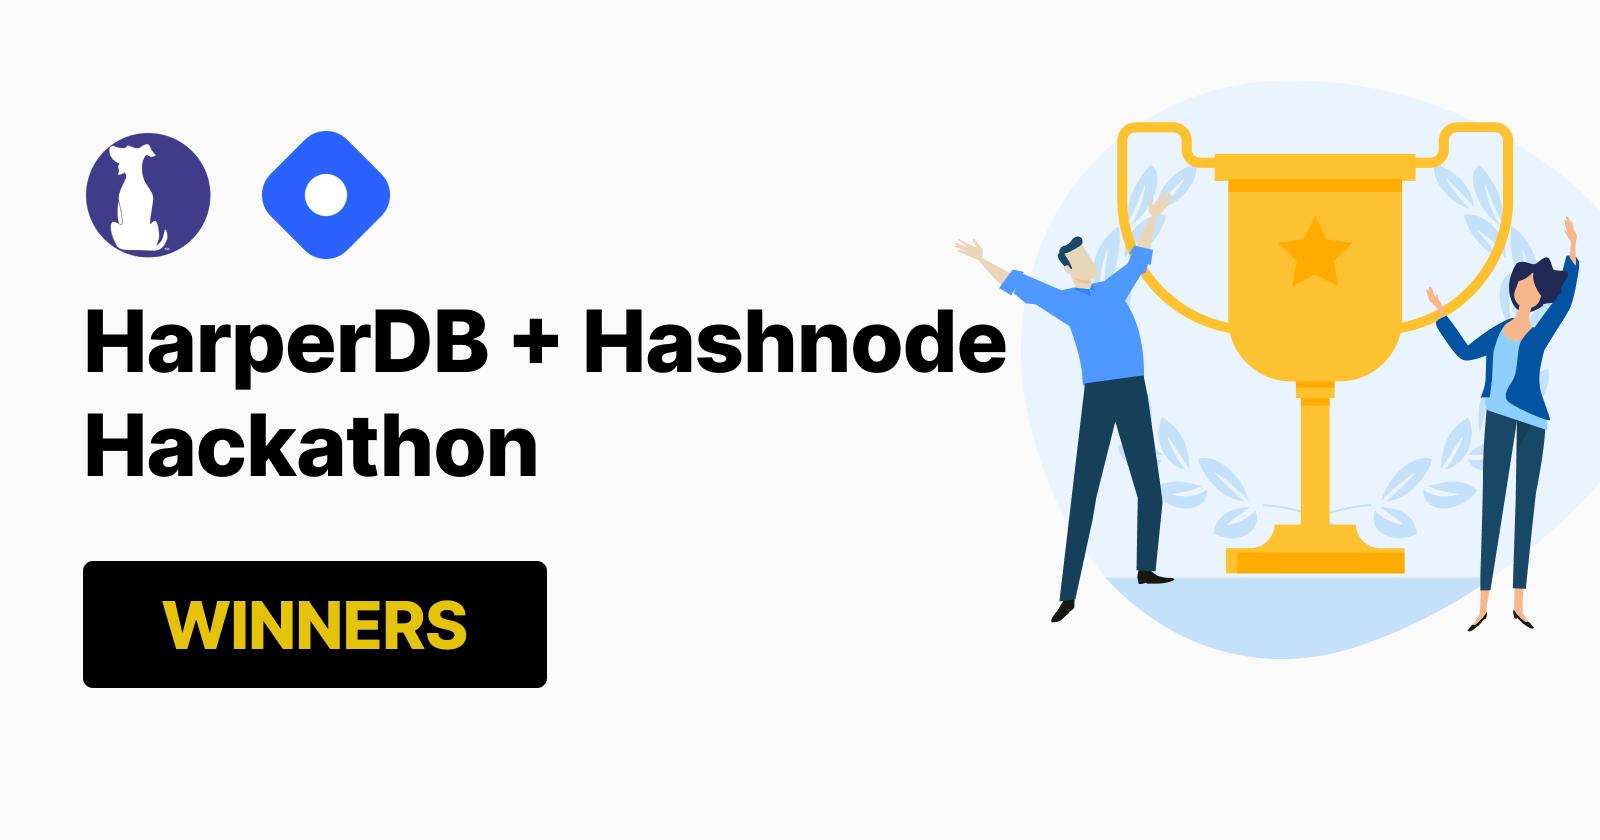 HarperDB + Hashnode Hackathon Winners!